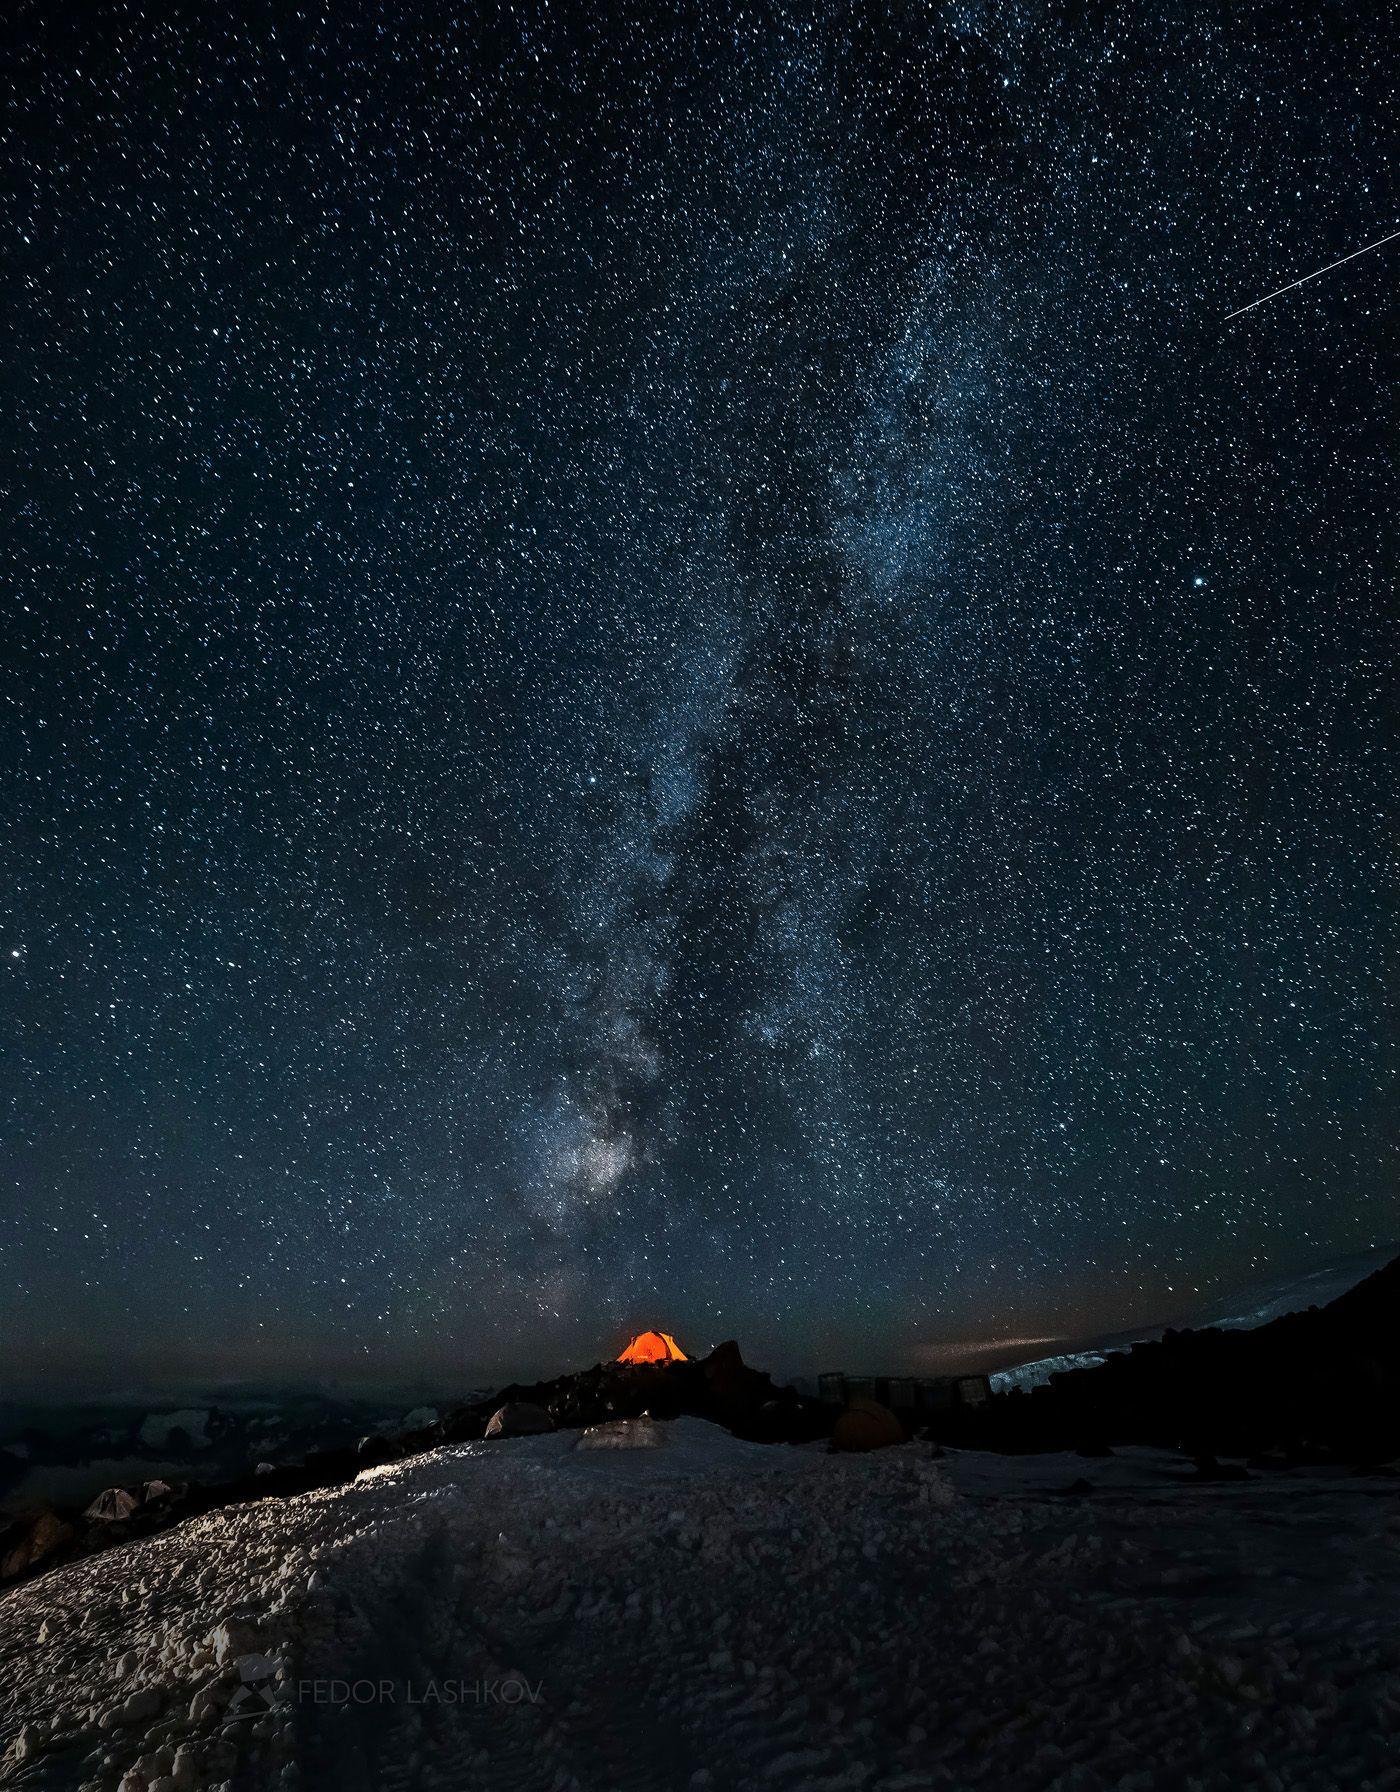 Наедине со звёздами Северный Кавказ Кабардино-Балкарская Терскол путешествие горы Национальный парк Приэльбрусье Эльбрус ночь ночное звёзды Млечный Путь палатка туризм поход